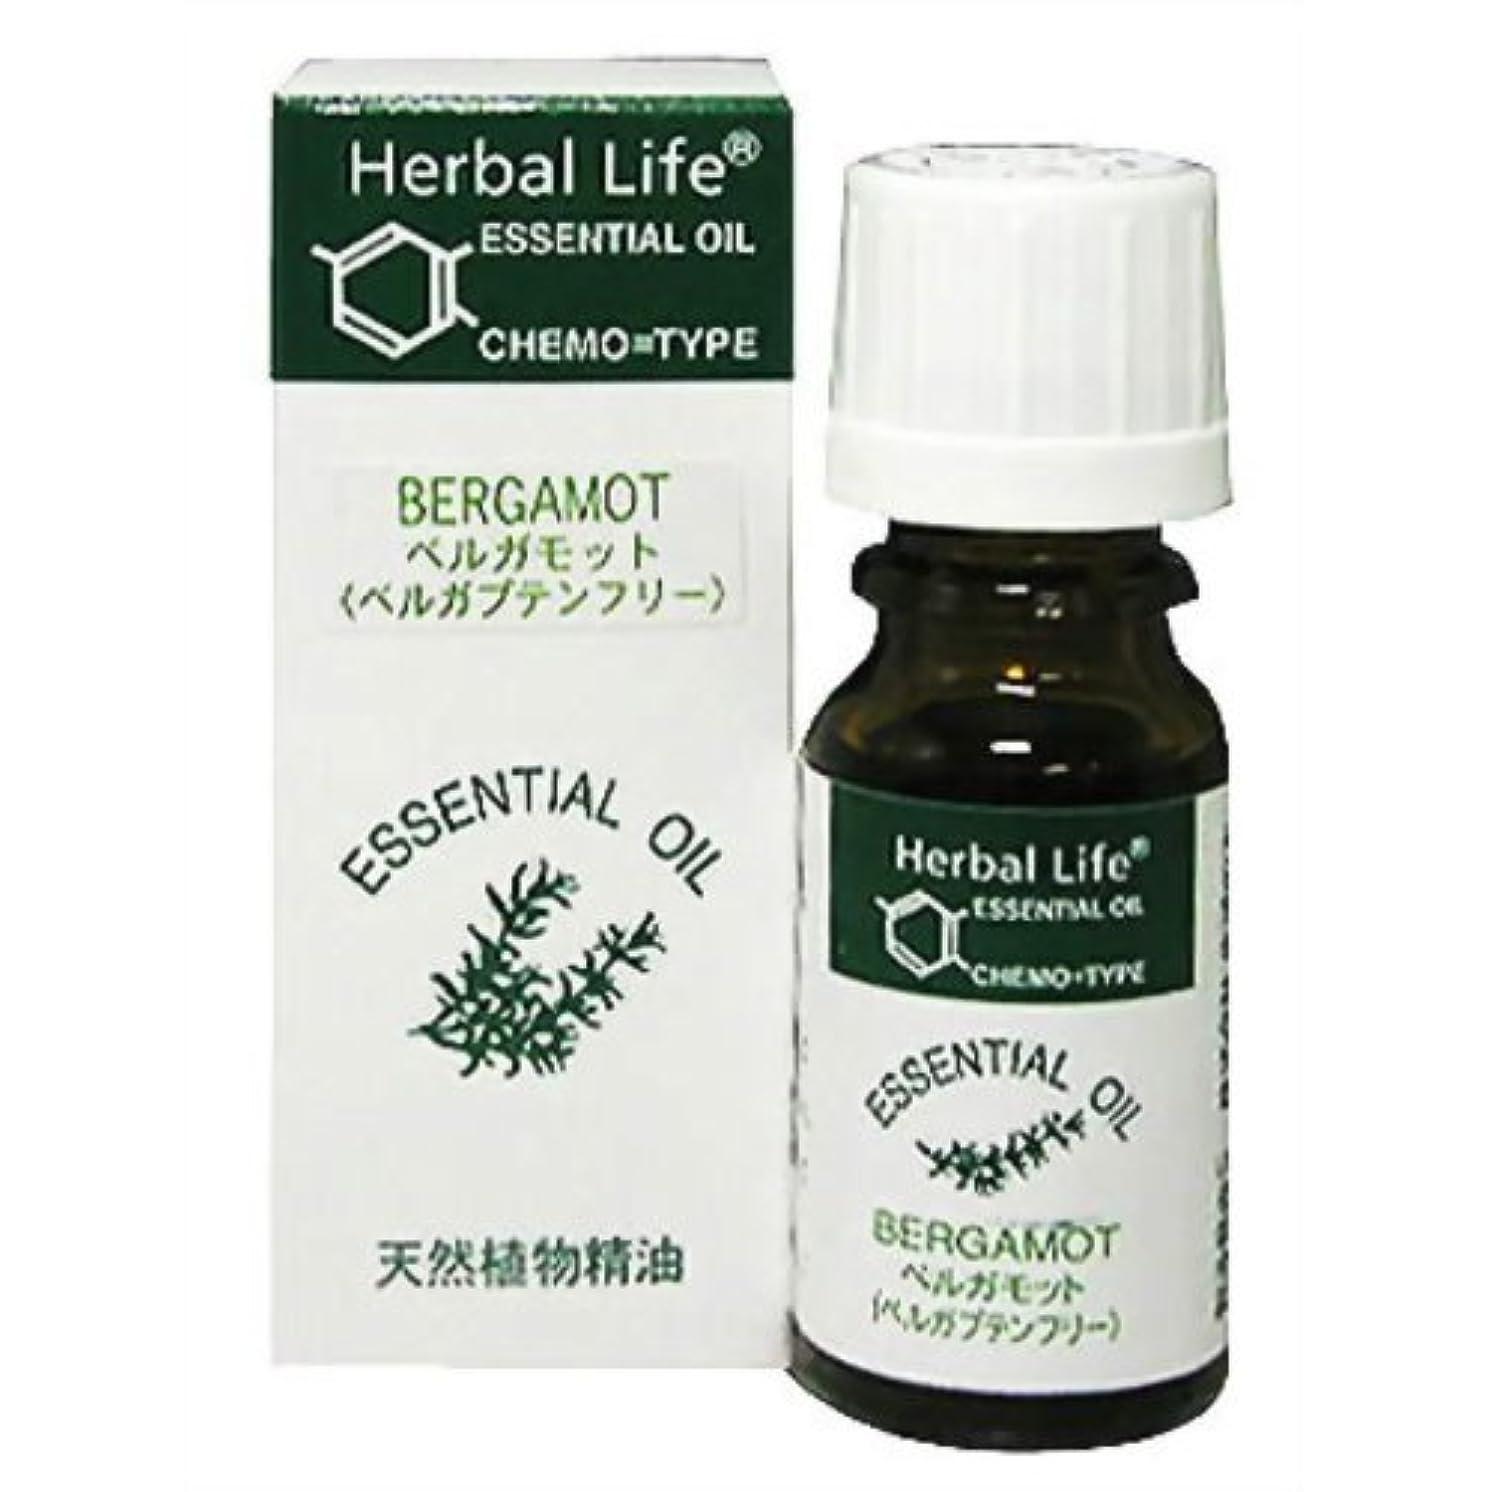 吸い込むビタミン免疫Herbal Life ベルガモット(ベルガプテンフリー) 10ml